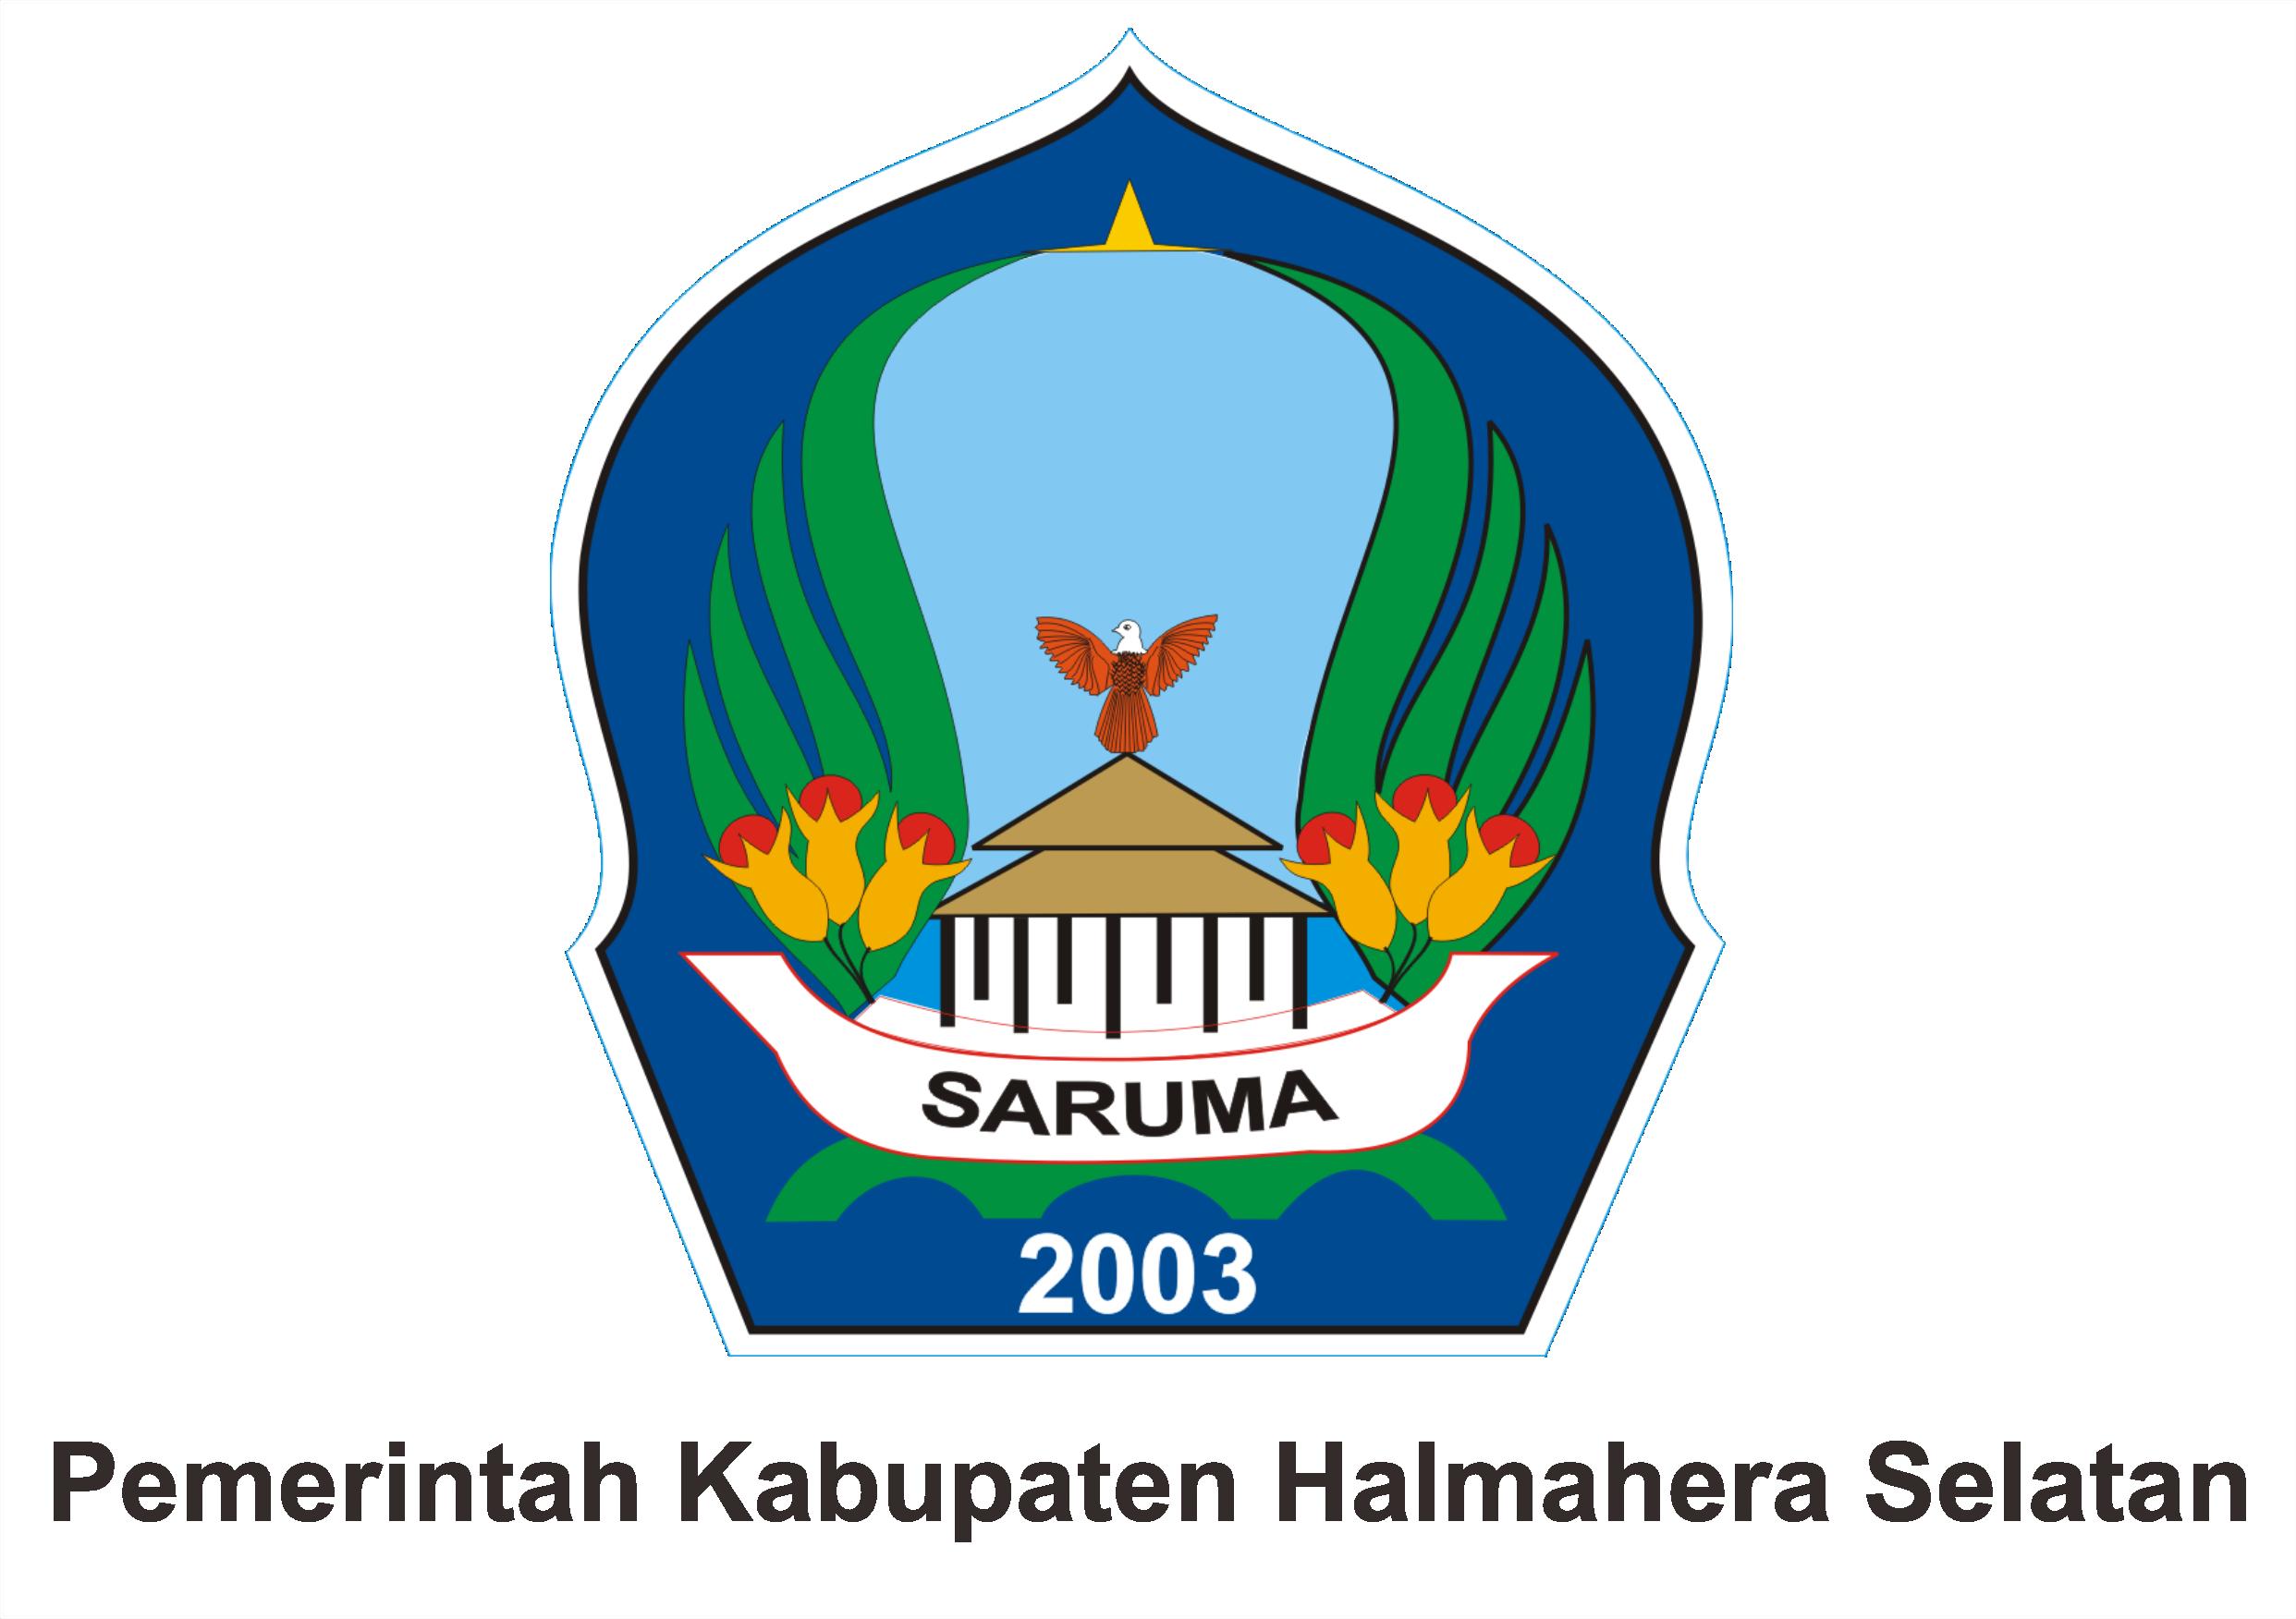 Pemerintah Kabupaten Halmahera Selatan